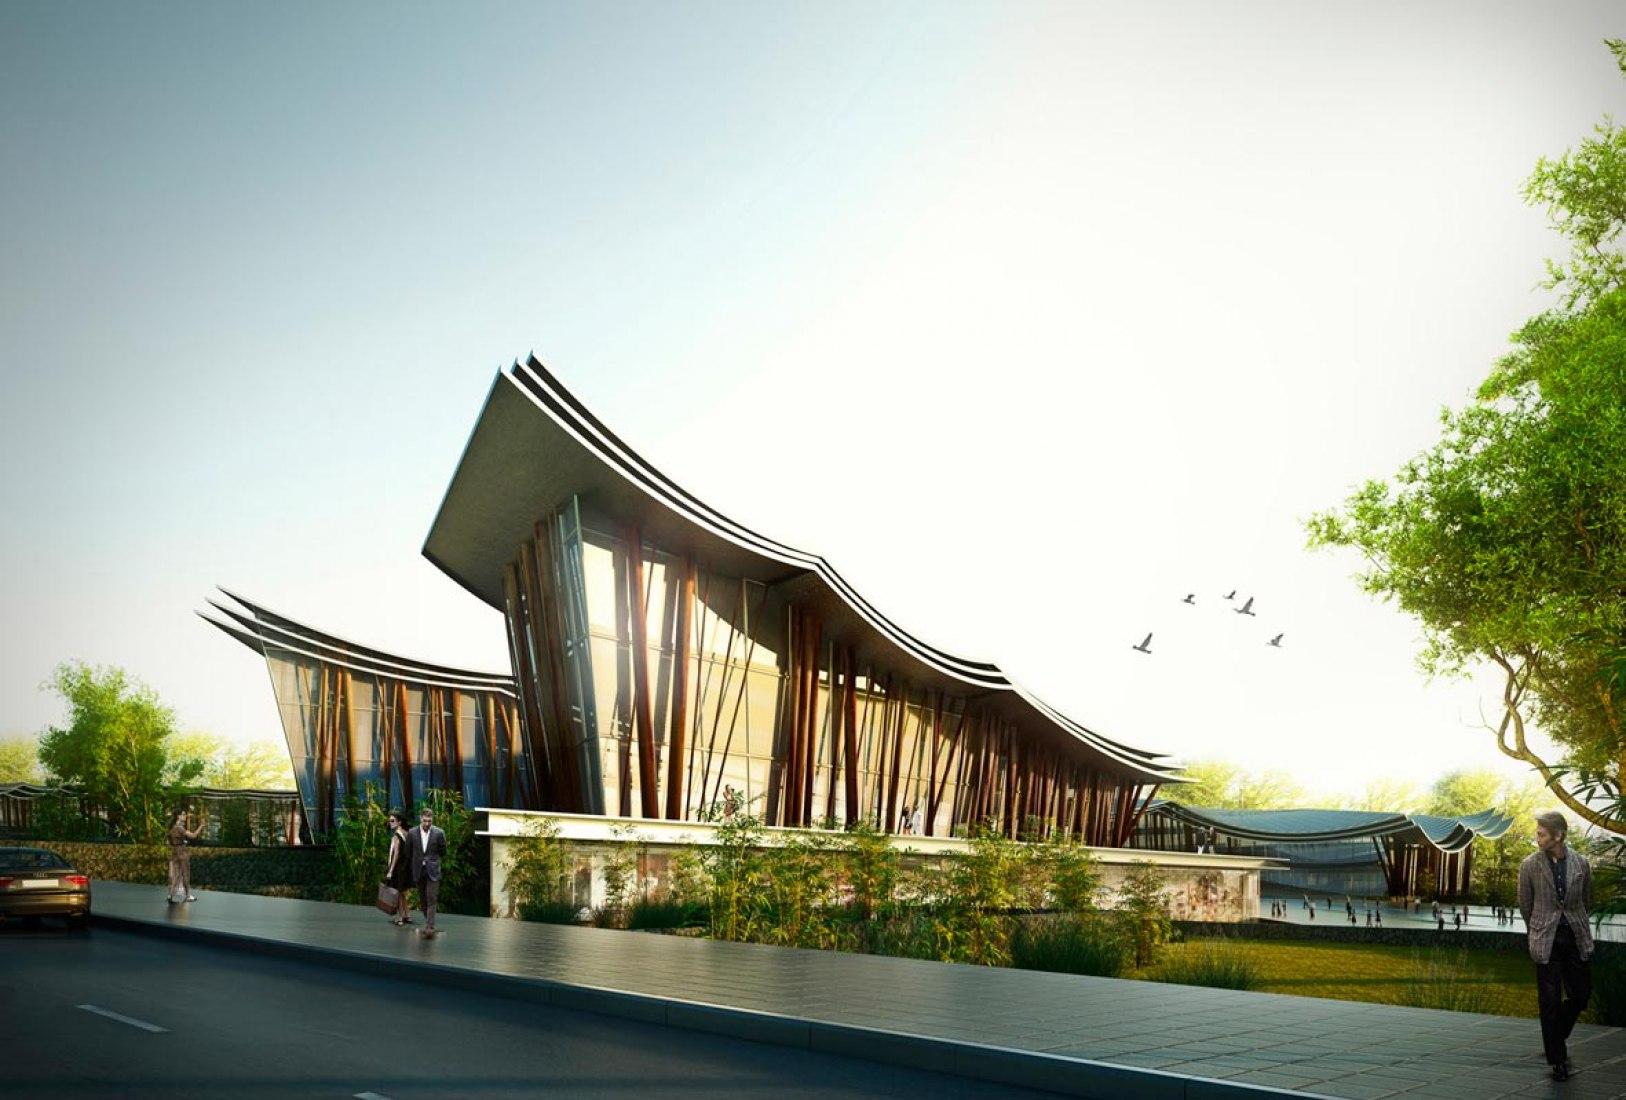 Proyecto ganador para 5 museos y 1 centro deportivo en Meishan, China, por Rafael de La-Hoz asociado con ADRI-HIT.